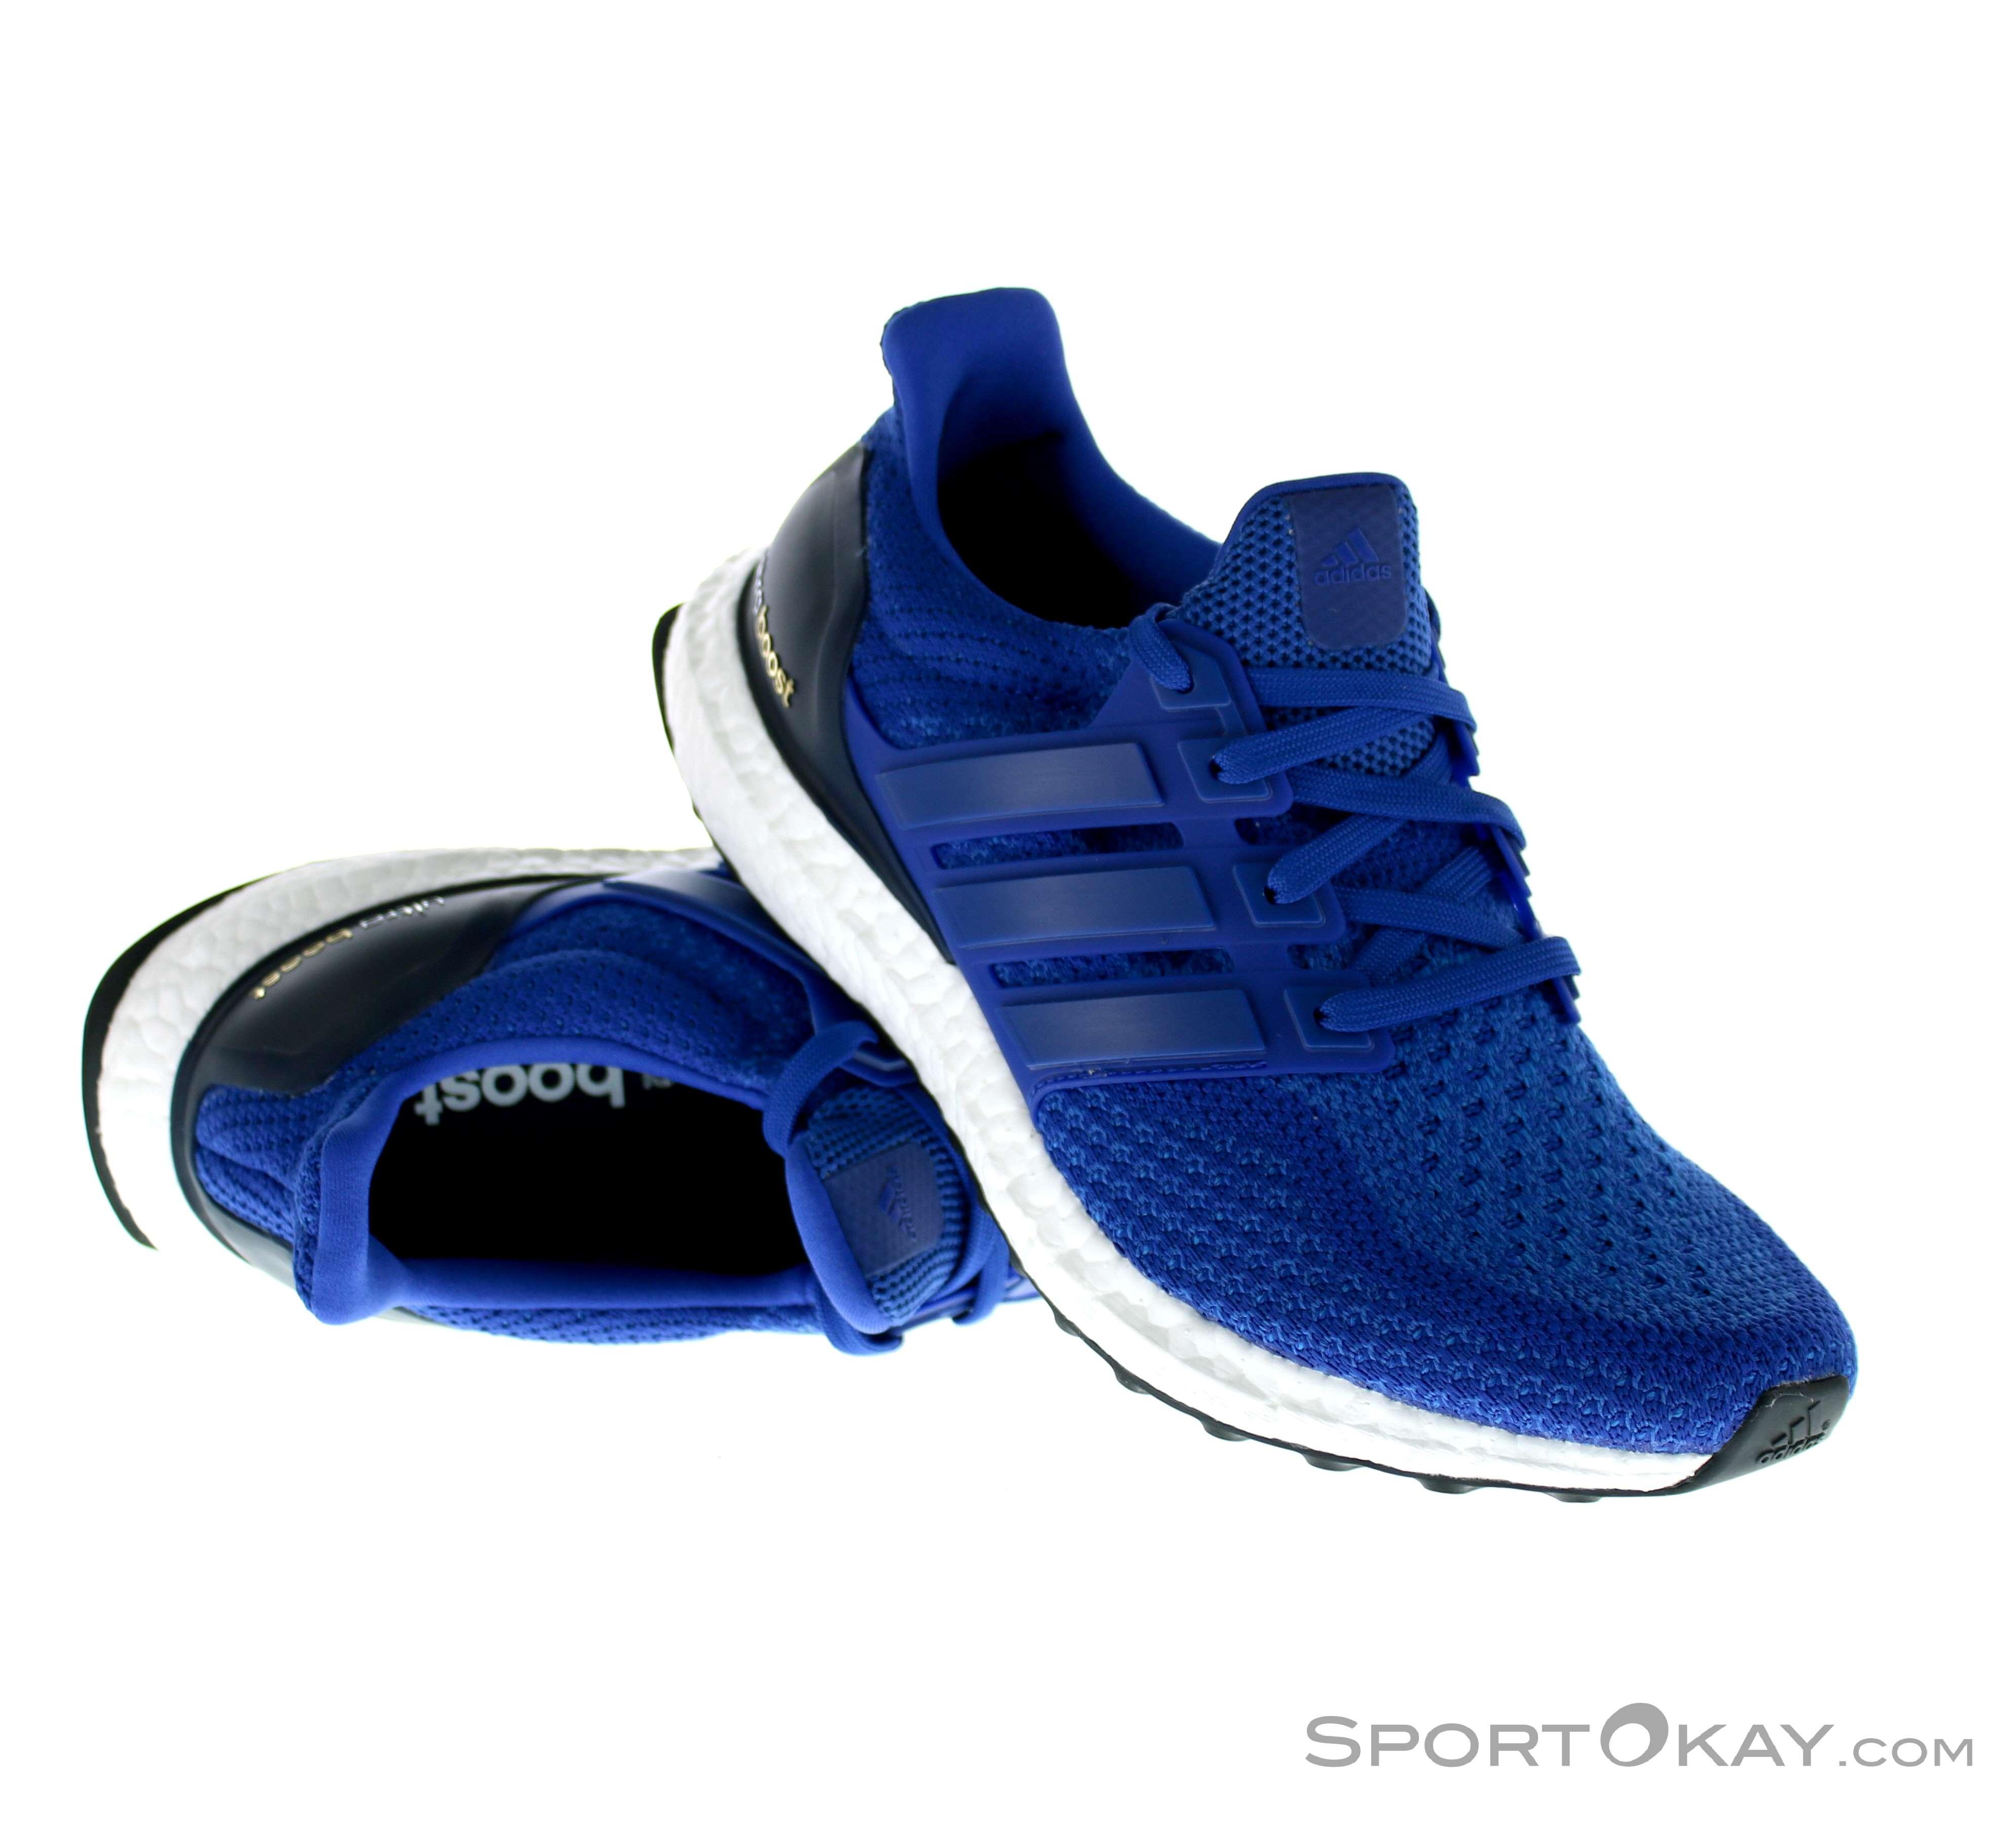 innovative design ba1a9 3dce2 adidas Ultra Boost Uomo Scarpe da Corsa , adidas, Blu, , Uomo, 0002